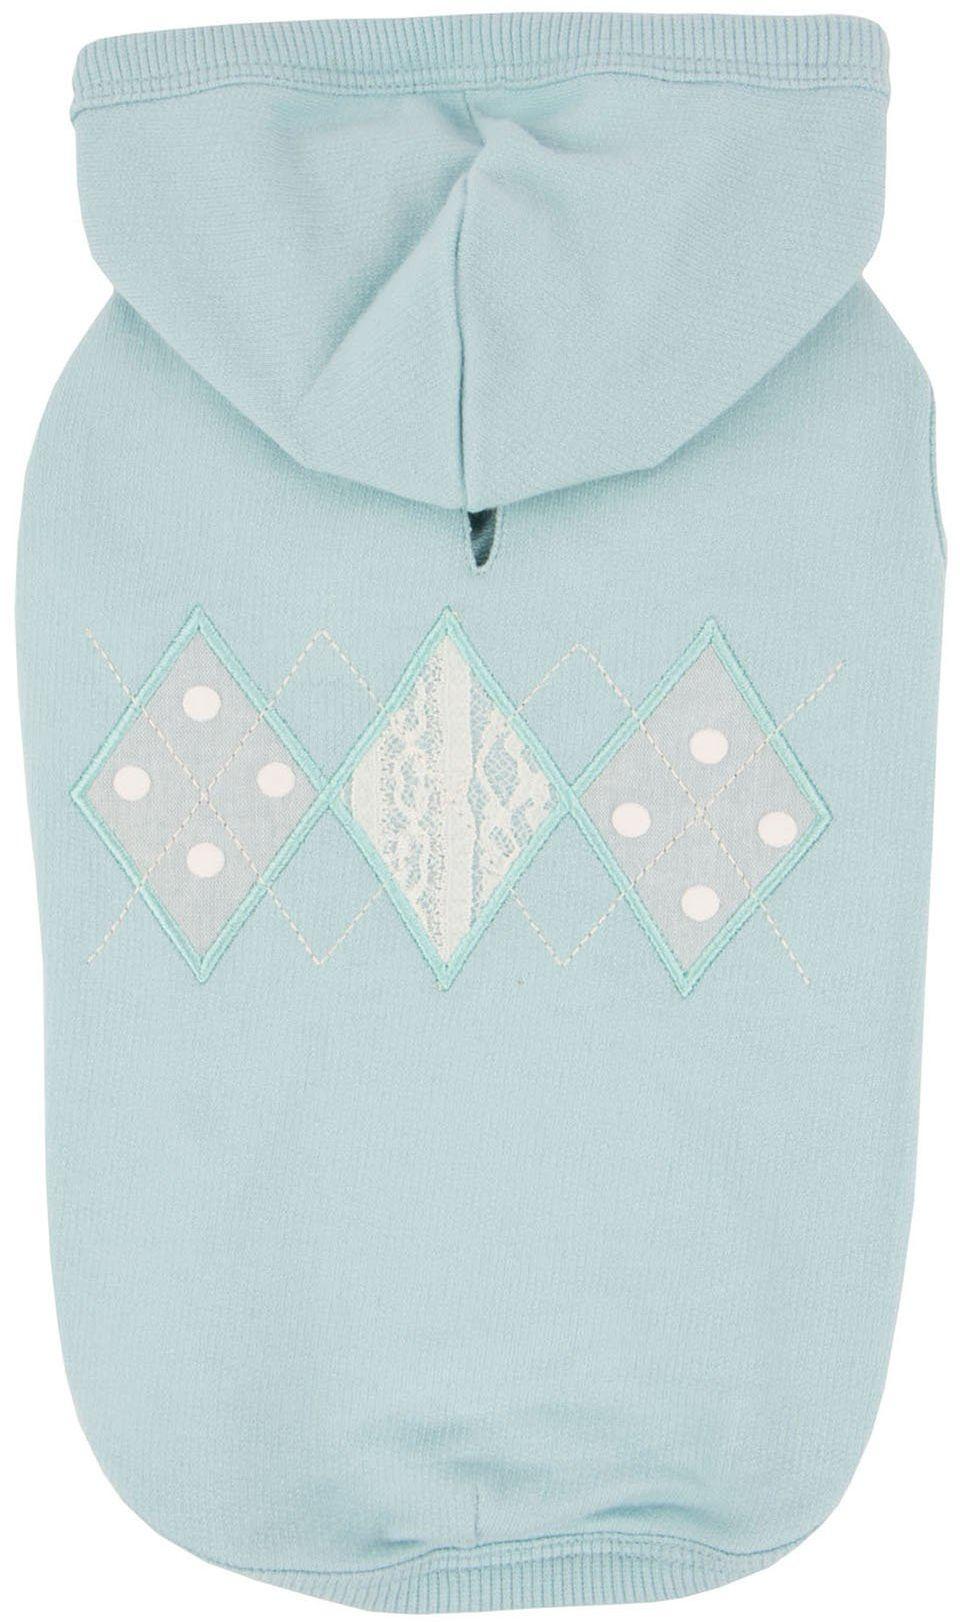 Pinkaholic New York NARA-TS7309-MT-S Mint Carys bluza dla zwierząt domowych, małe